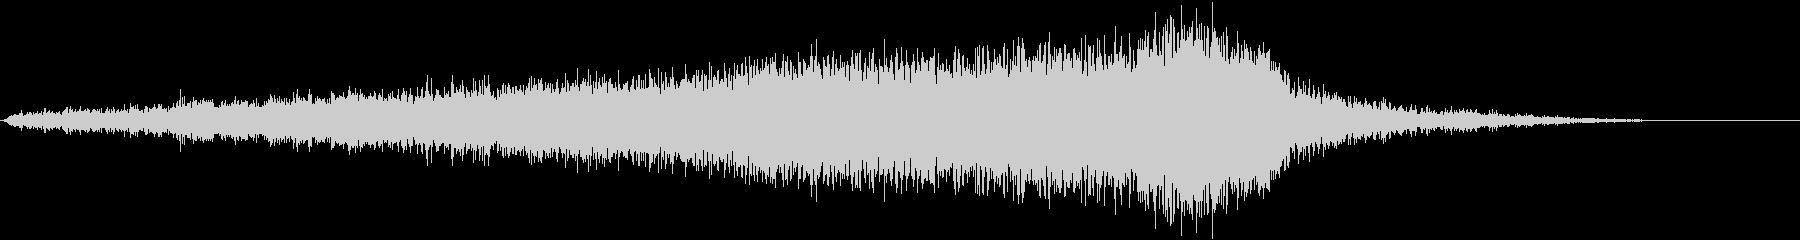 【ライザー】32 SFサウンド 迫力の未再生の波形